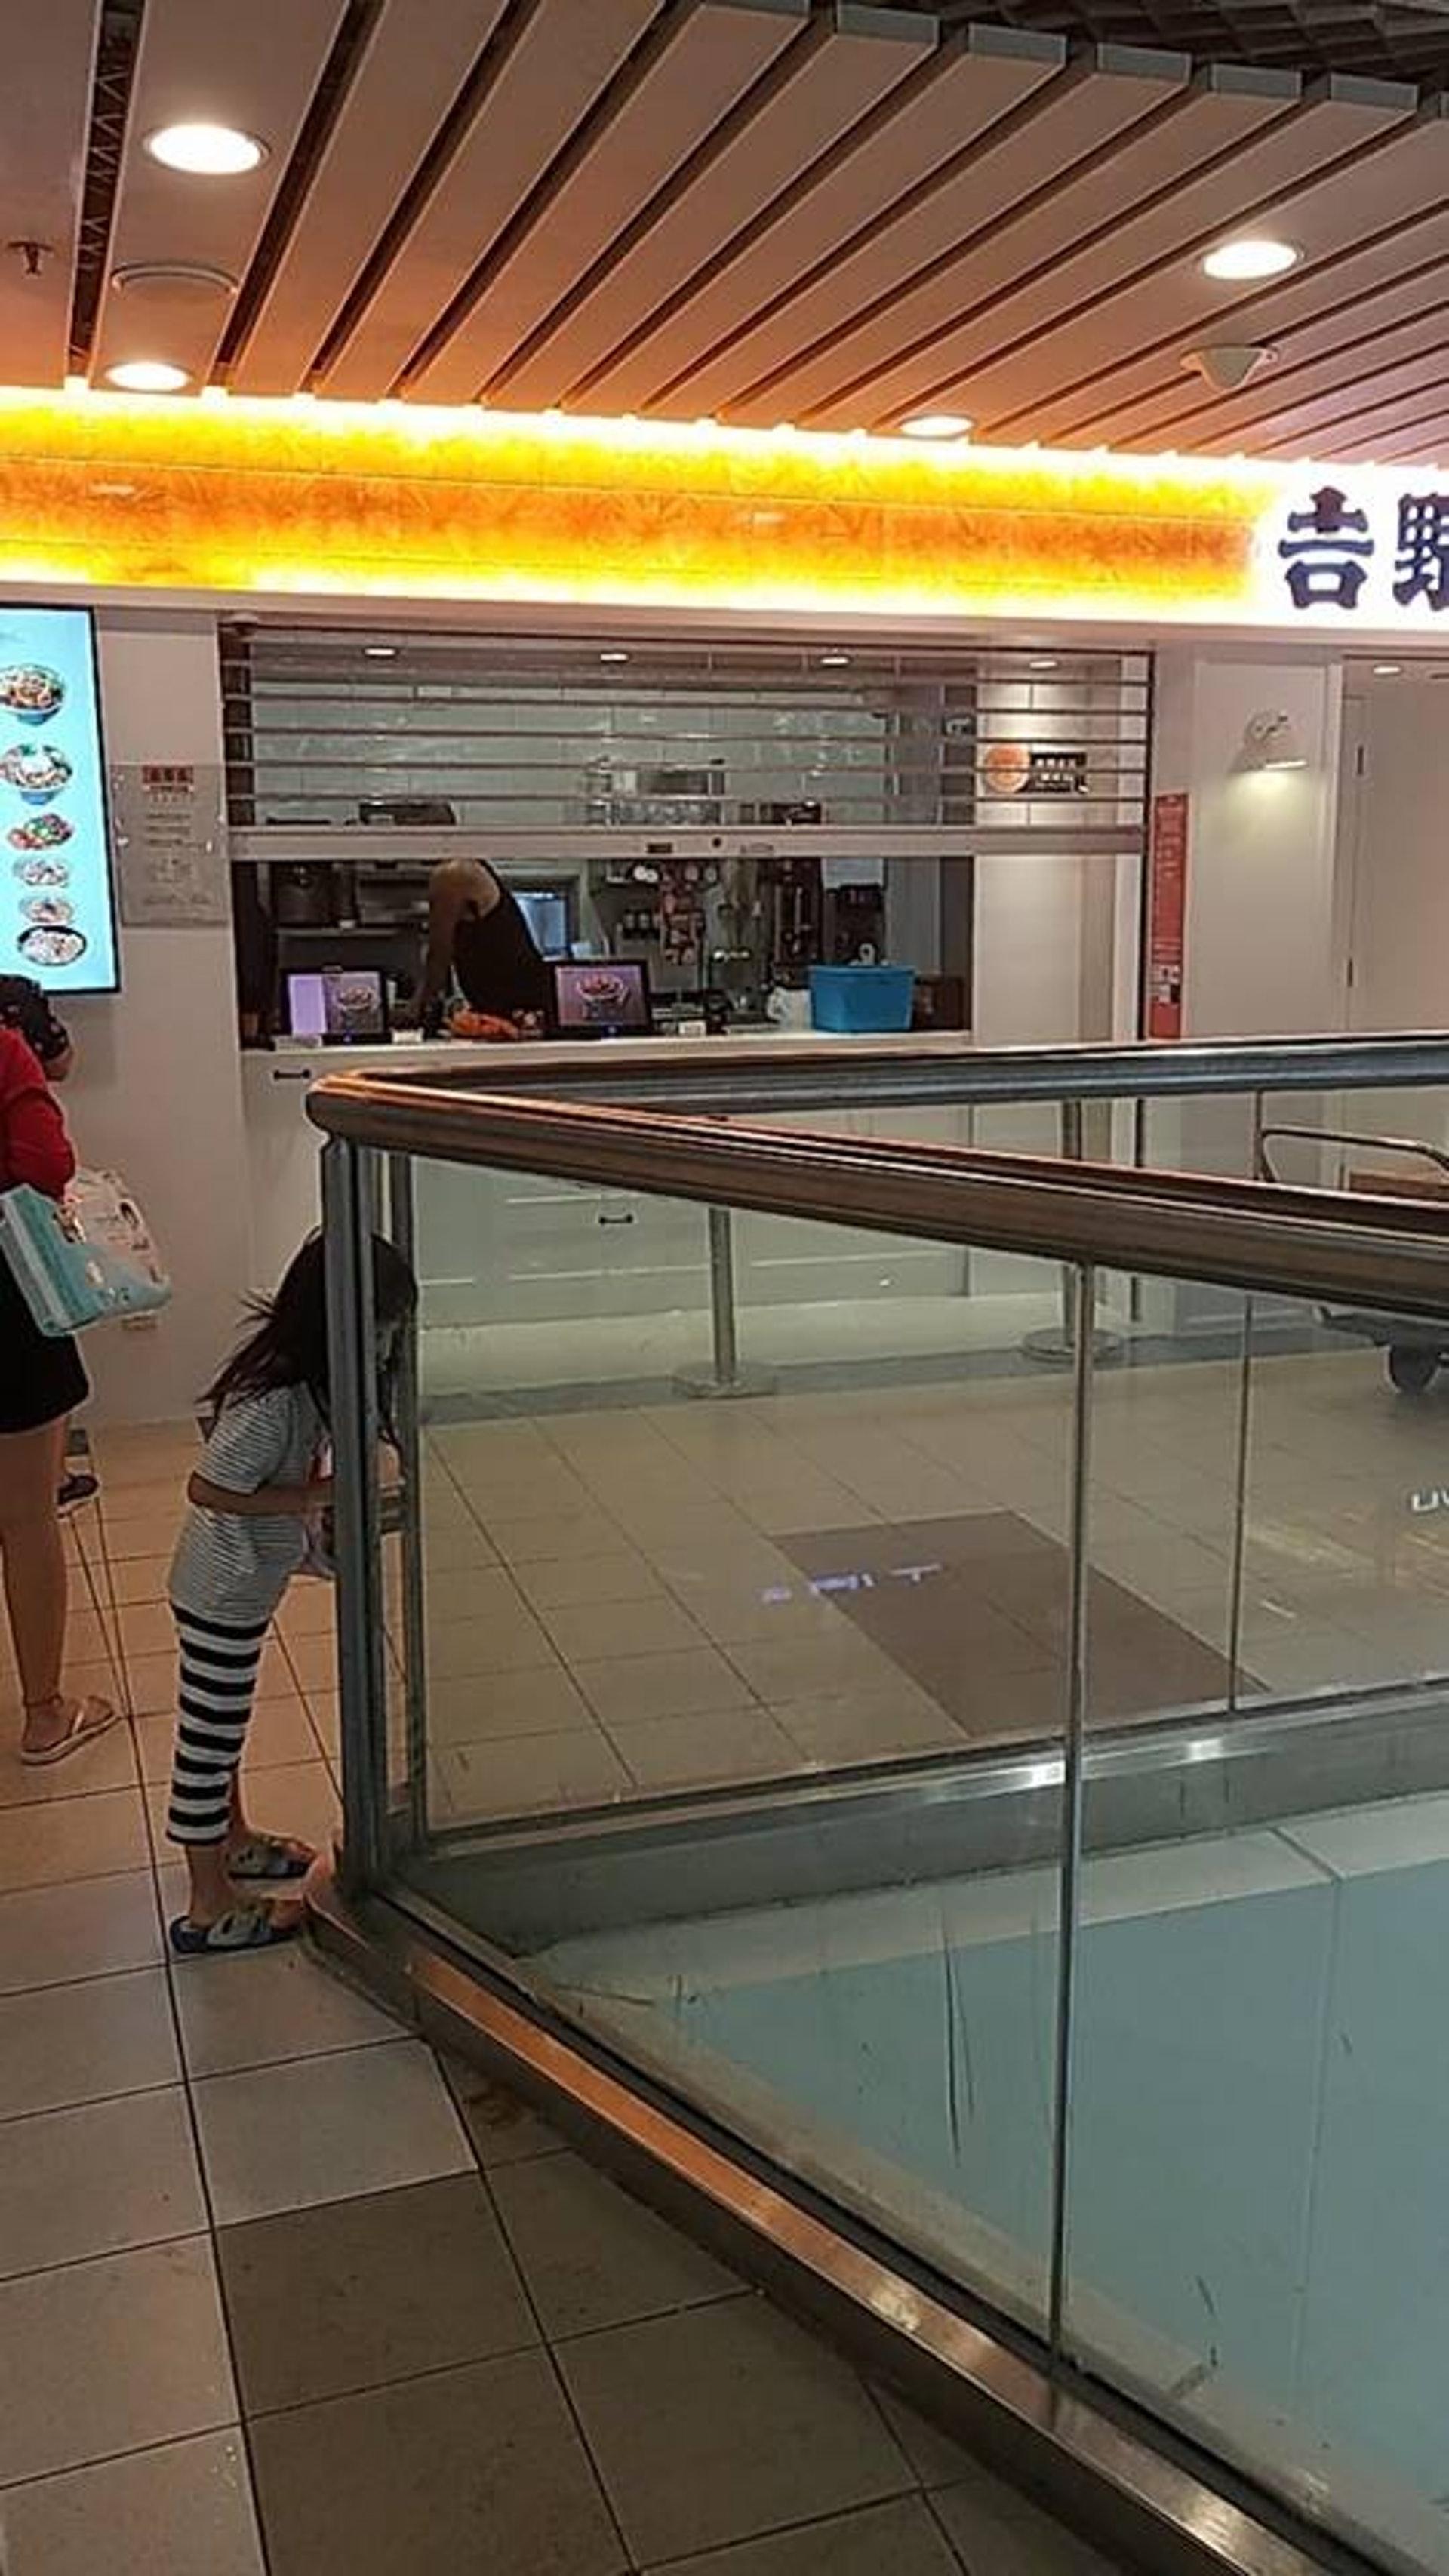 馬鞍山吉野家分店試業首日,下午5時多即落閘。(Facebook群組「馬鞍山之友」圖片)